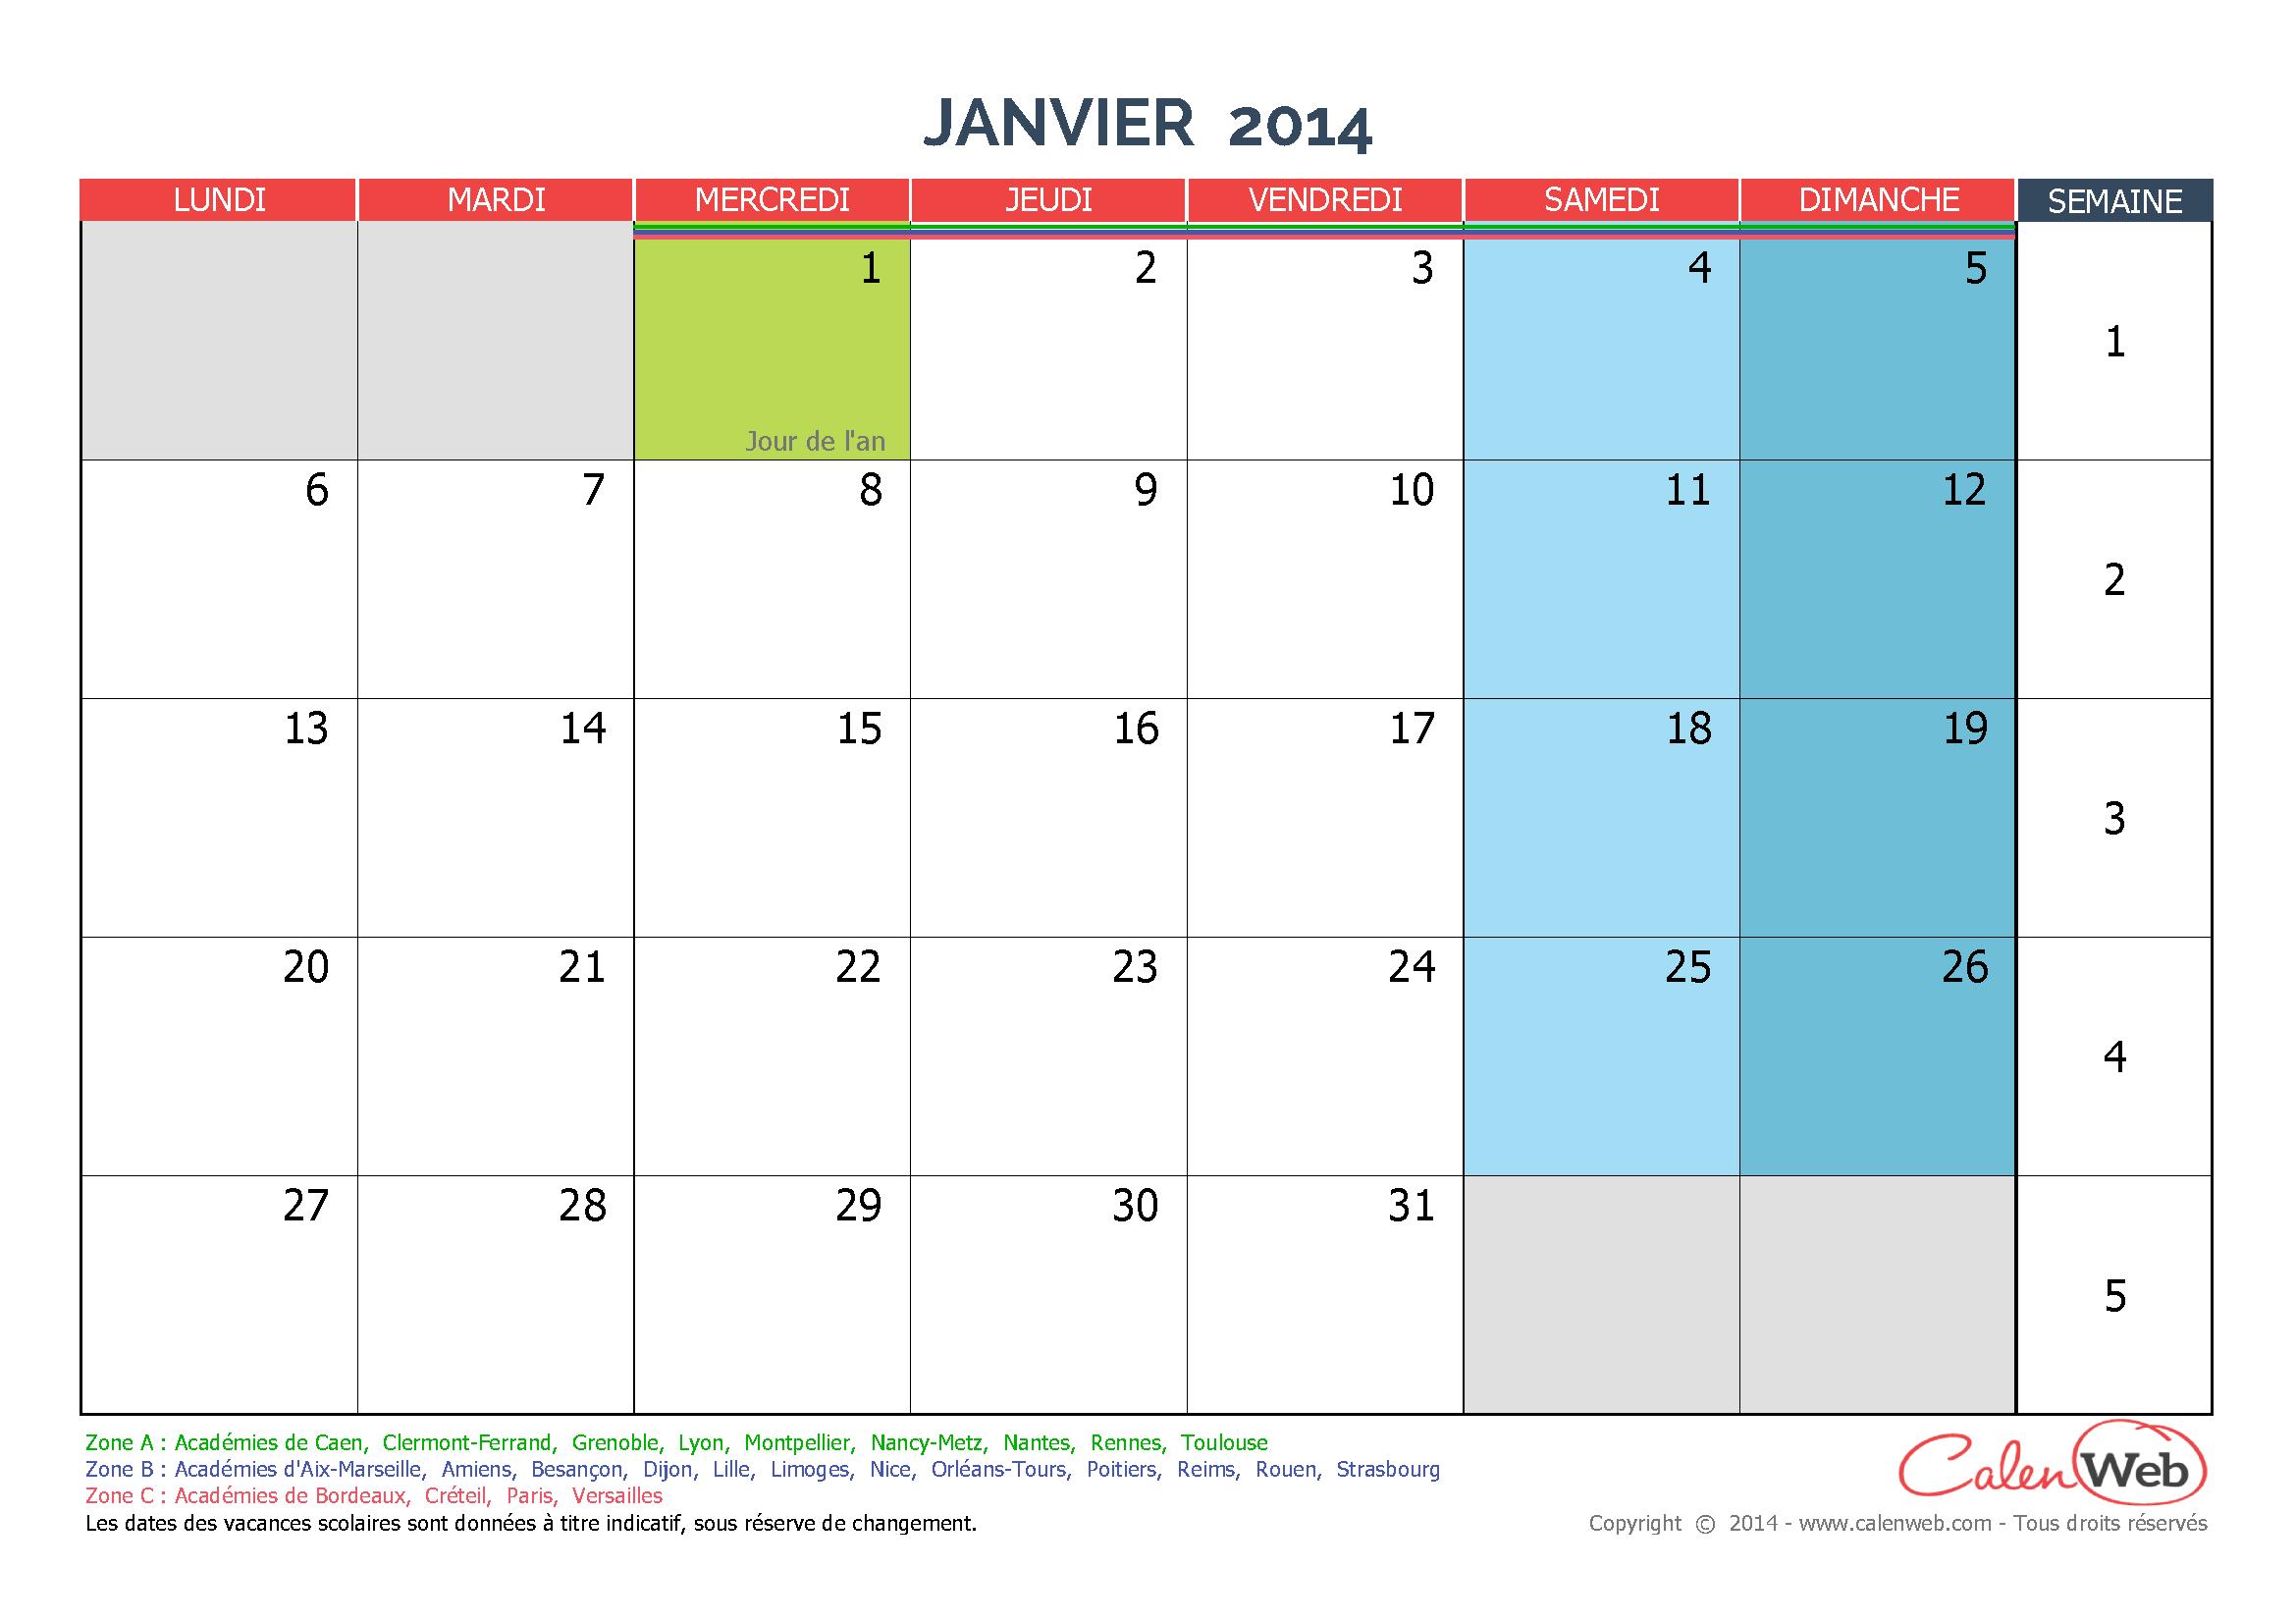 calendrier mensuel 2014 personnalisable avec jours f ri s et vacances scolaires. Black Bedroom Furniture Sets. Home Design Ideas